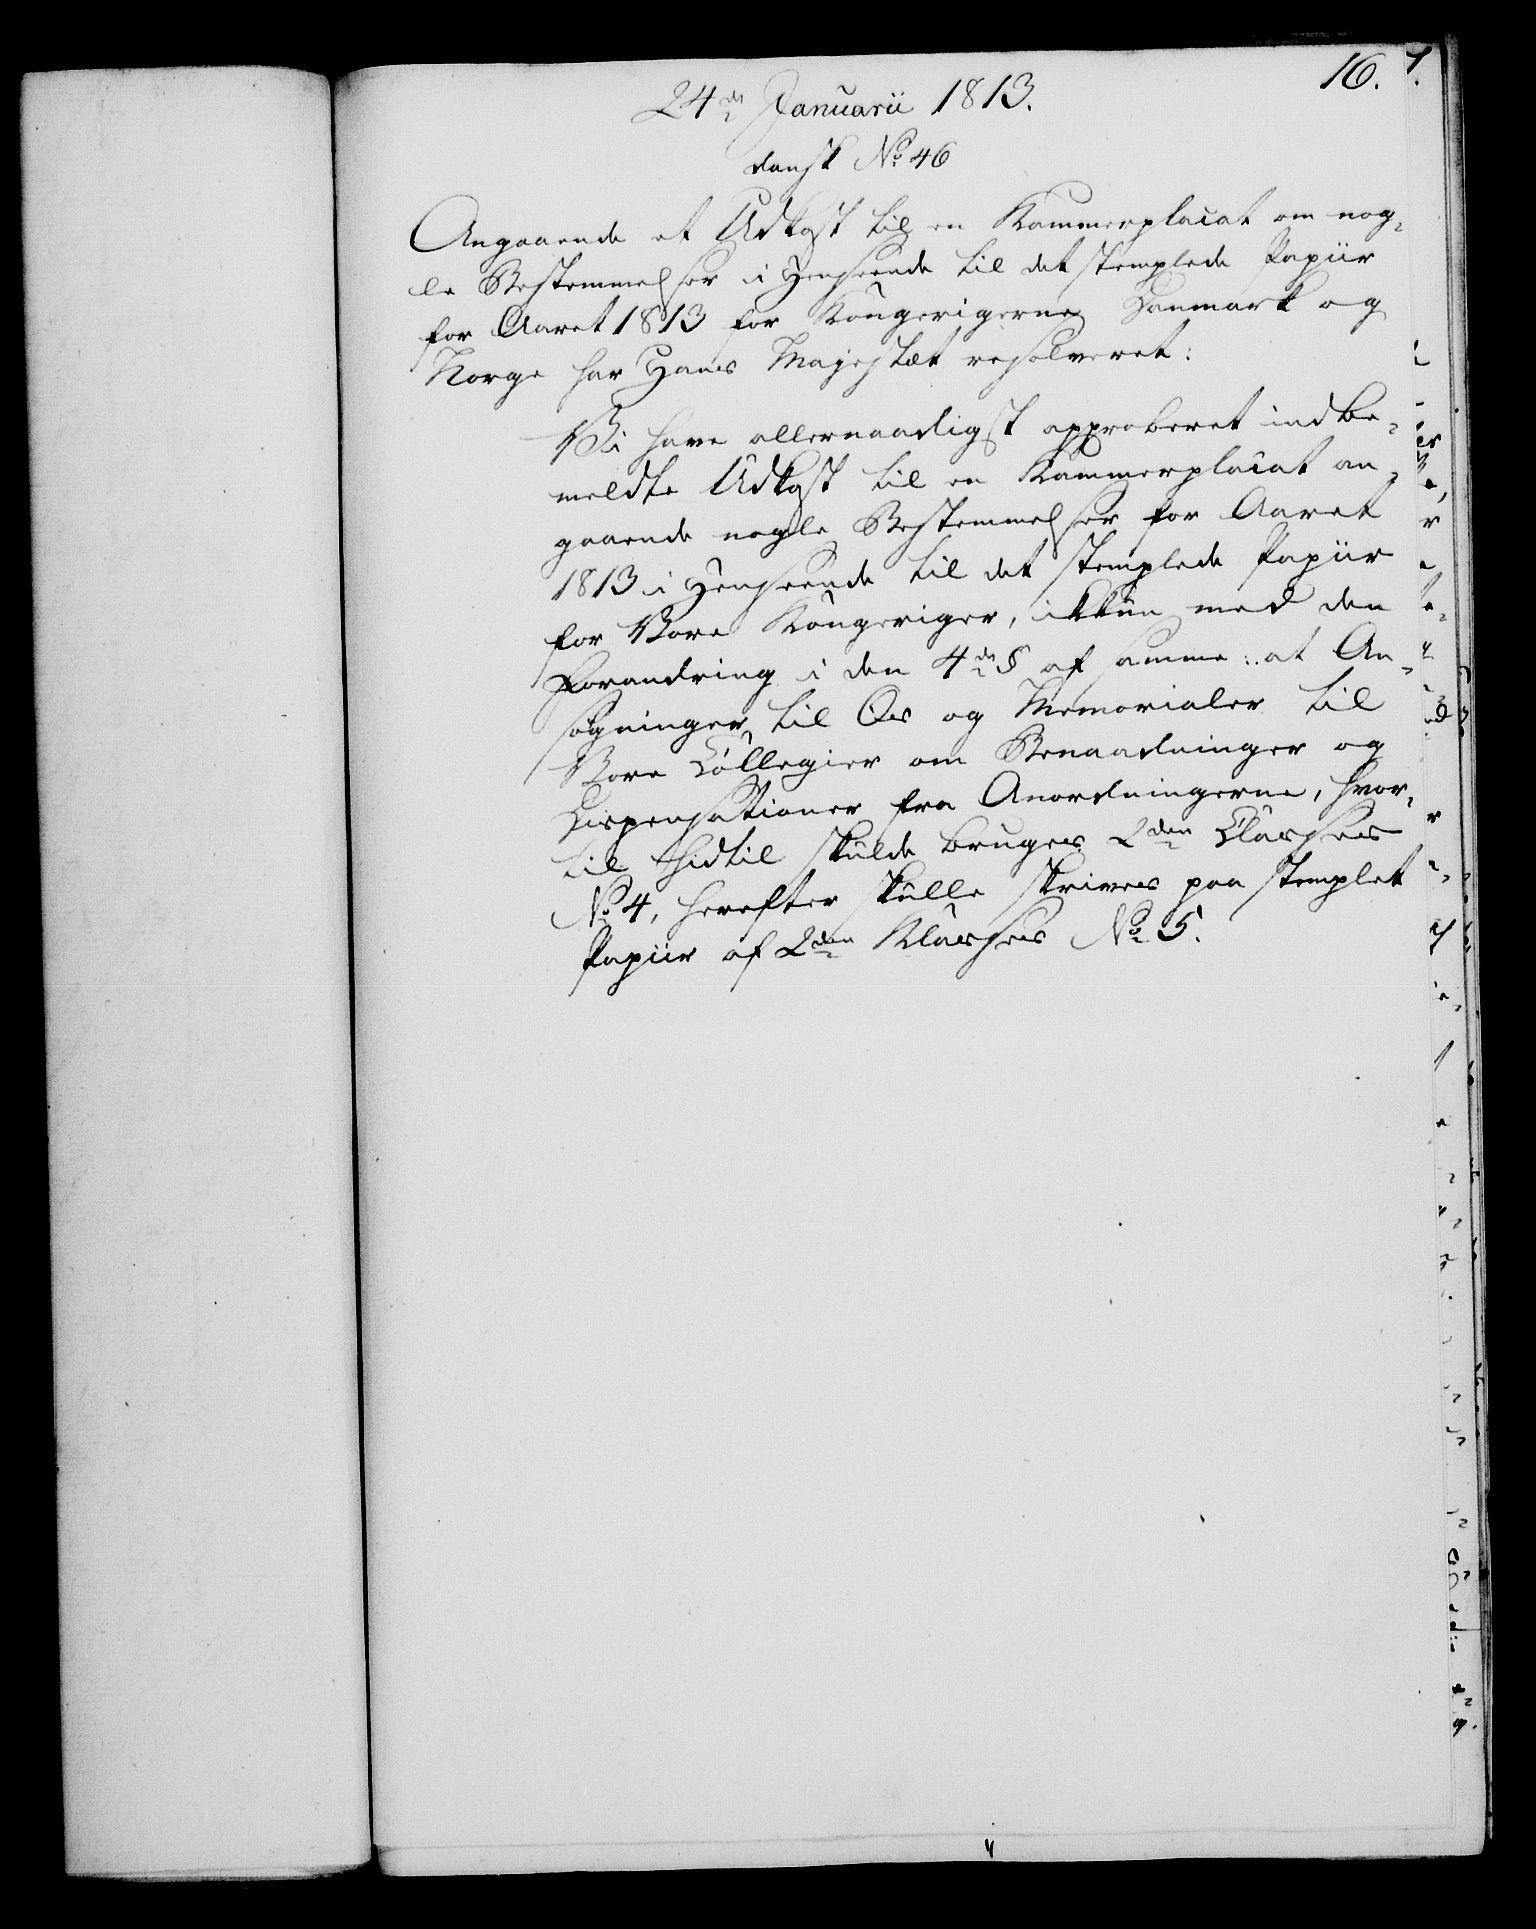 RA, Rentekammeret, Kammerkanselliet, G/Gf/Gfa/L0095: Norsk relasjons- og resolusjonsprotokoll (merket RK 52.95), 1813-1814, s. 83